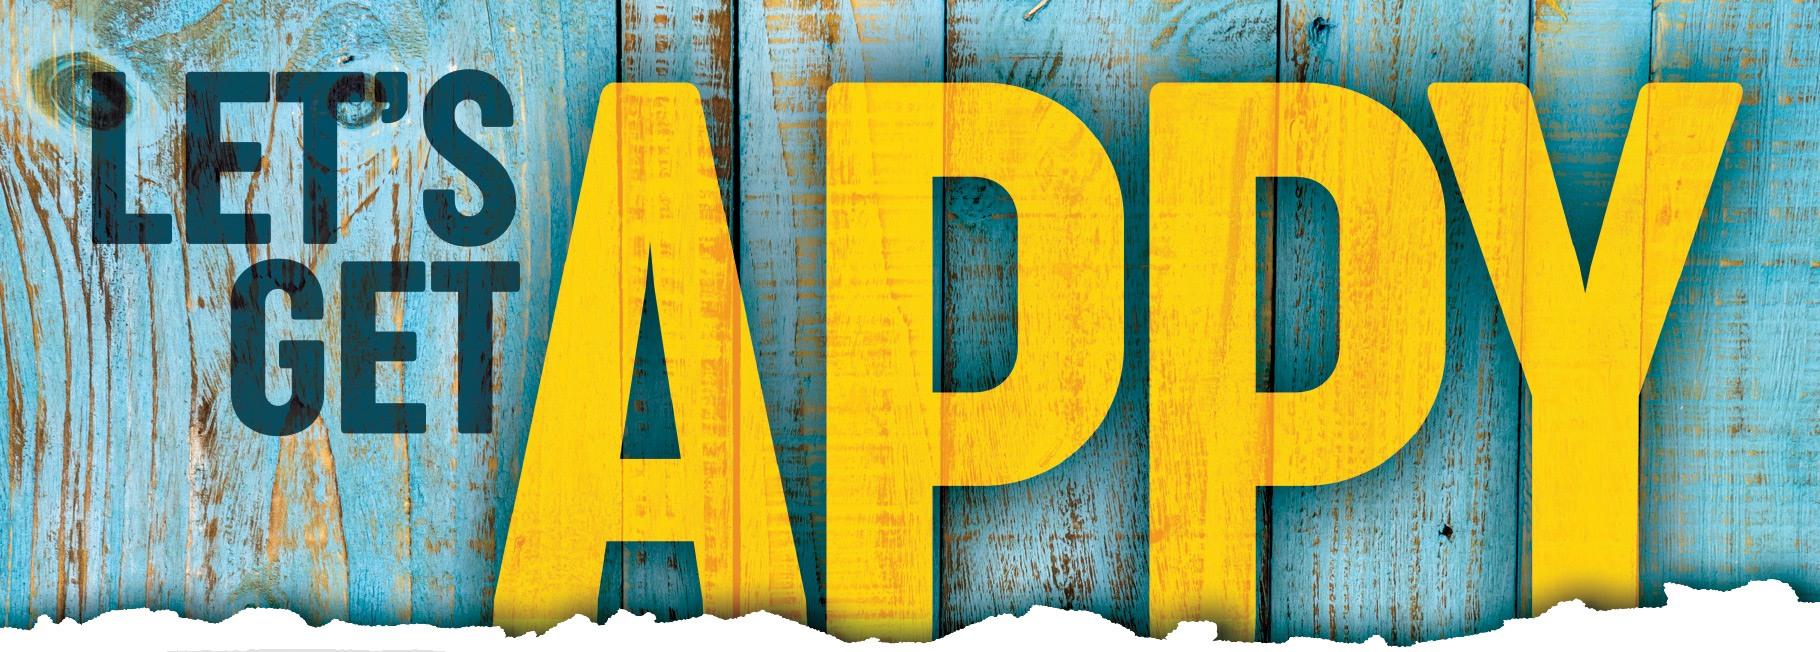 Let's get Appy!